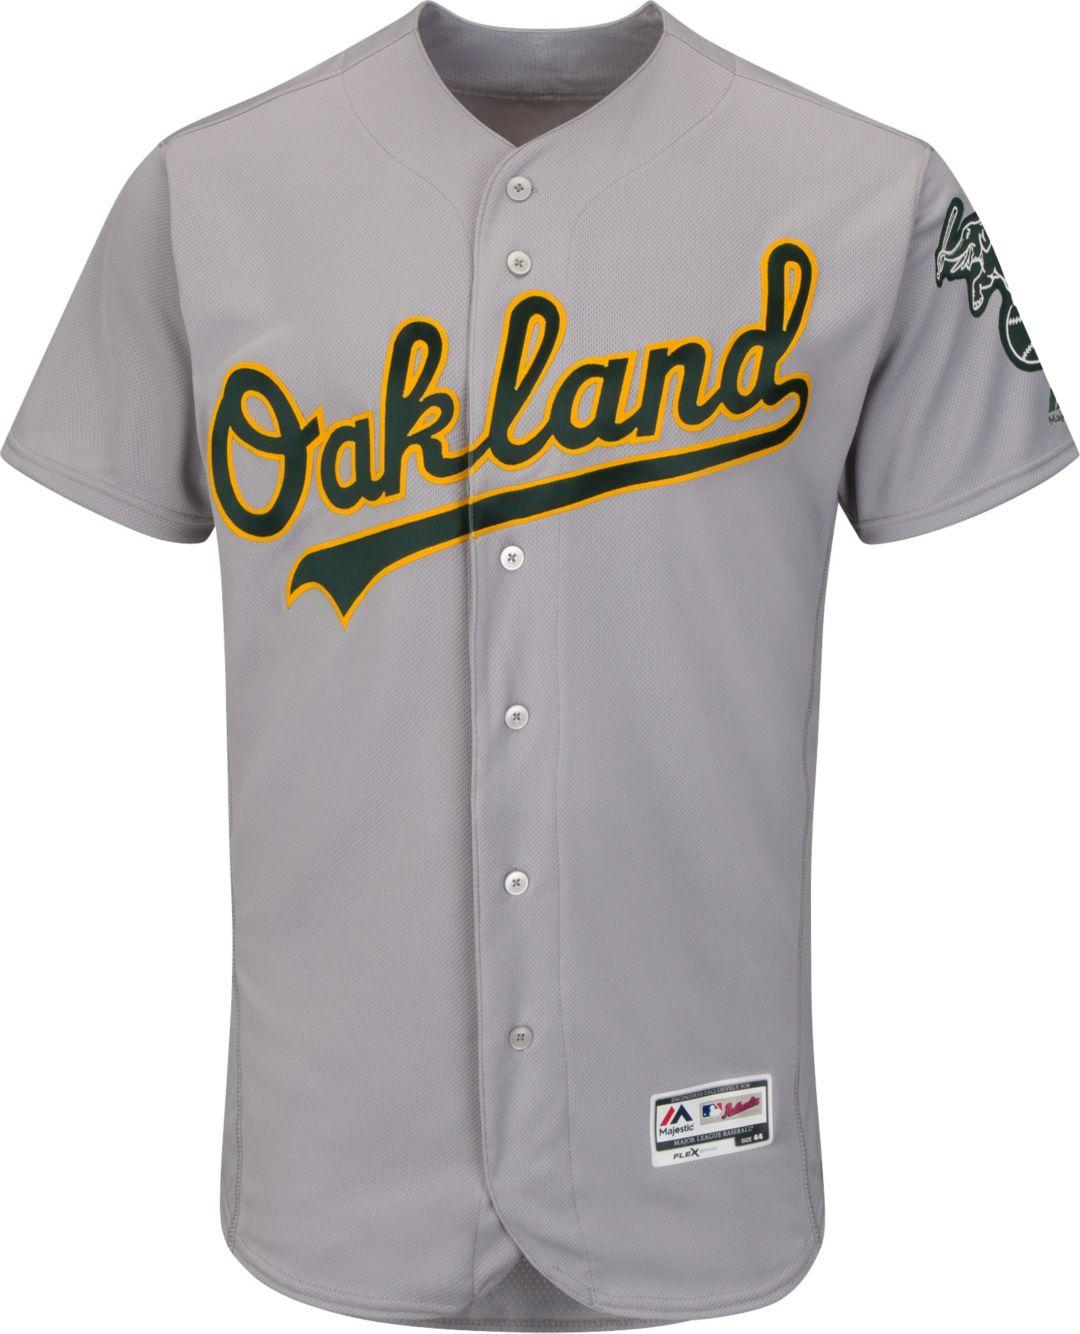 d70a23d1 Majestic Men's Authentic Oakland Athletics Road Grey Flex Base On ...